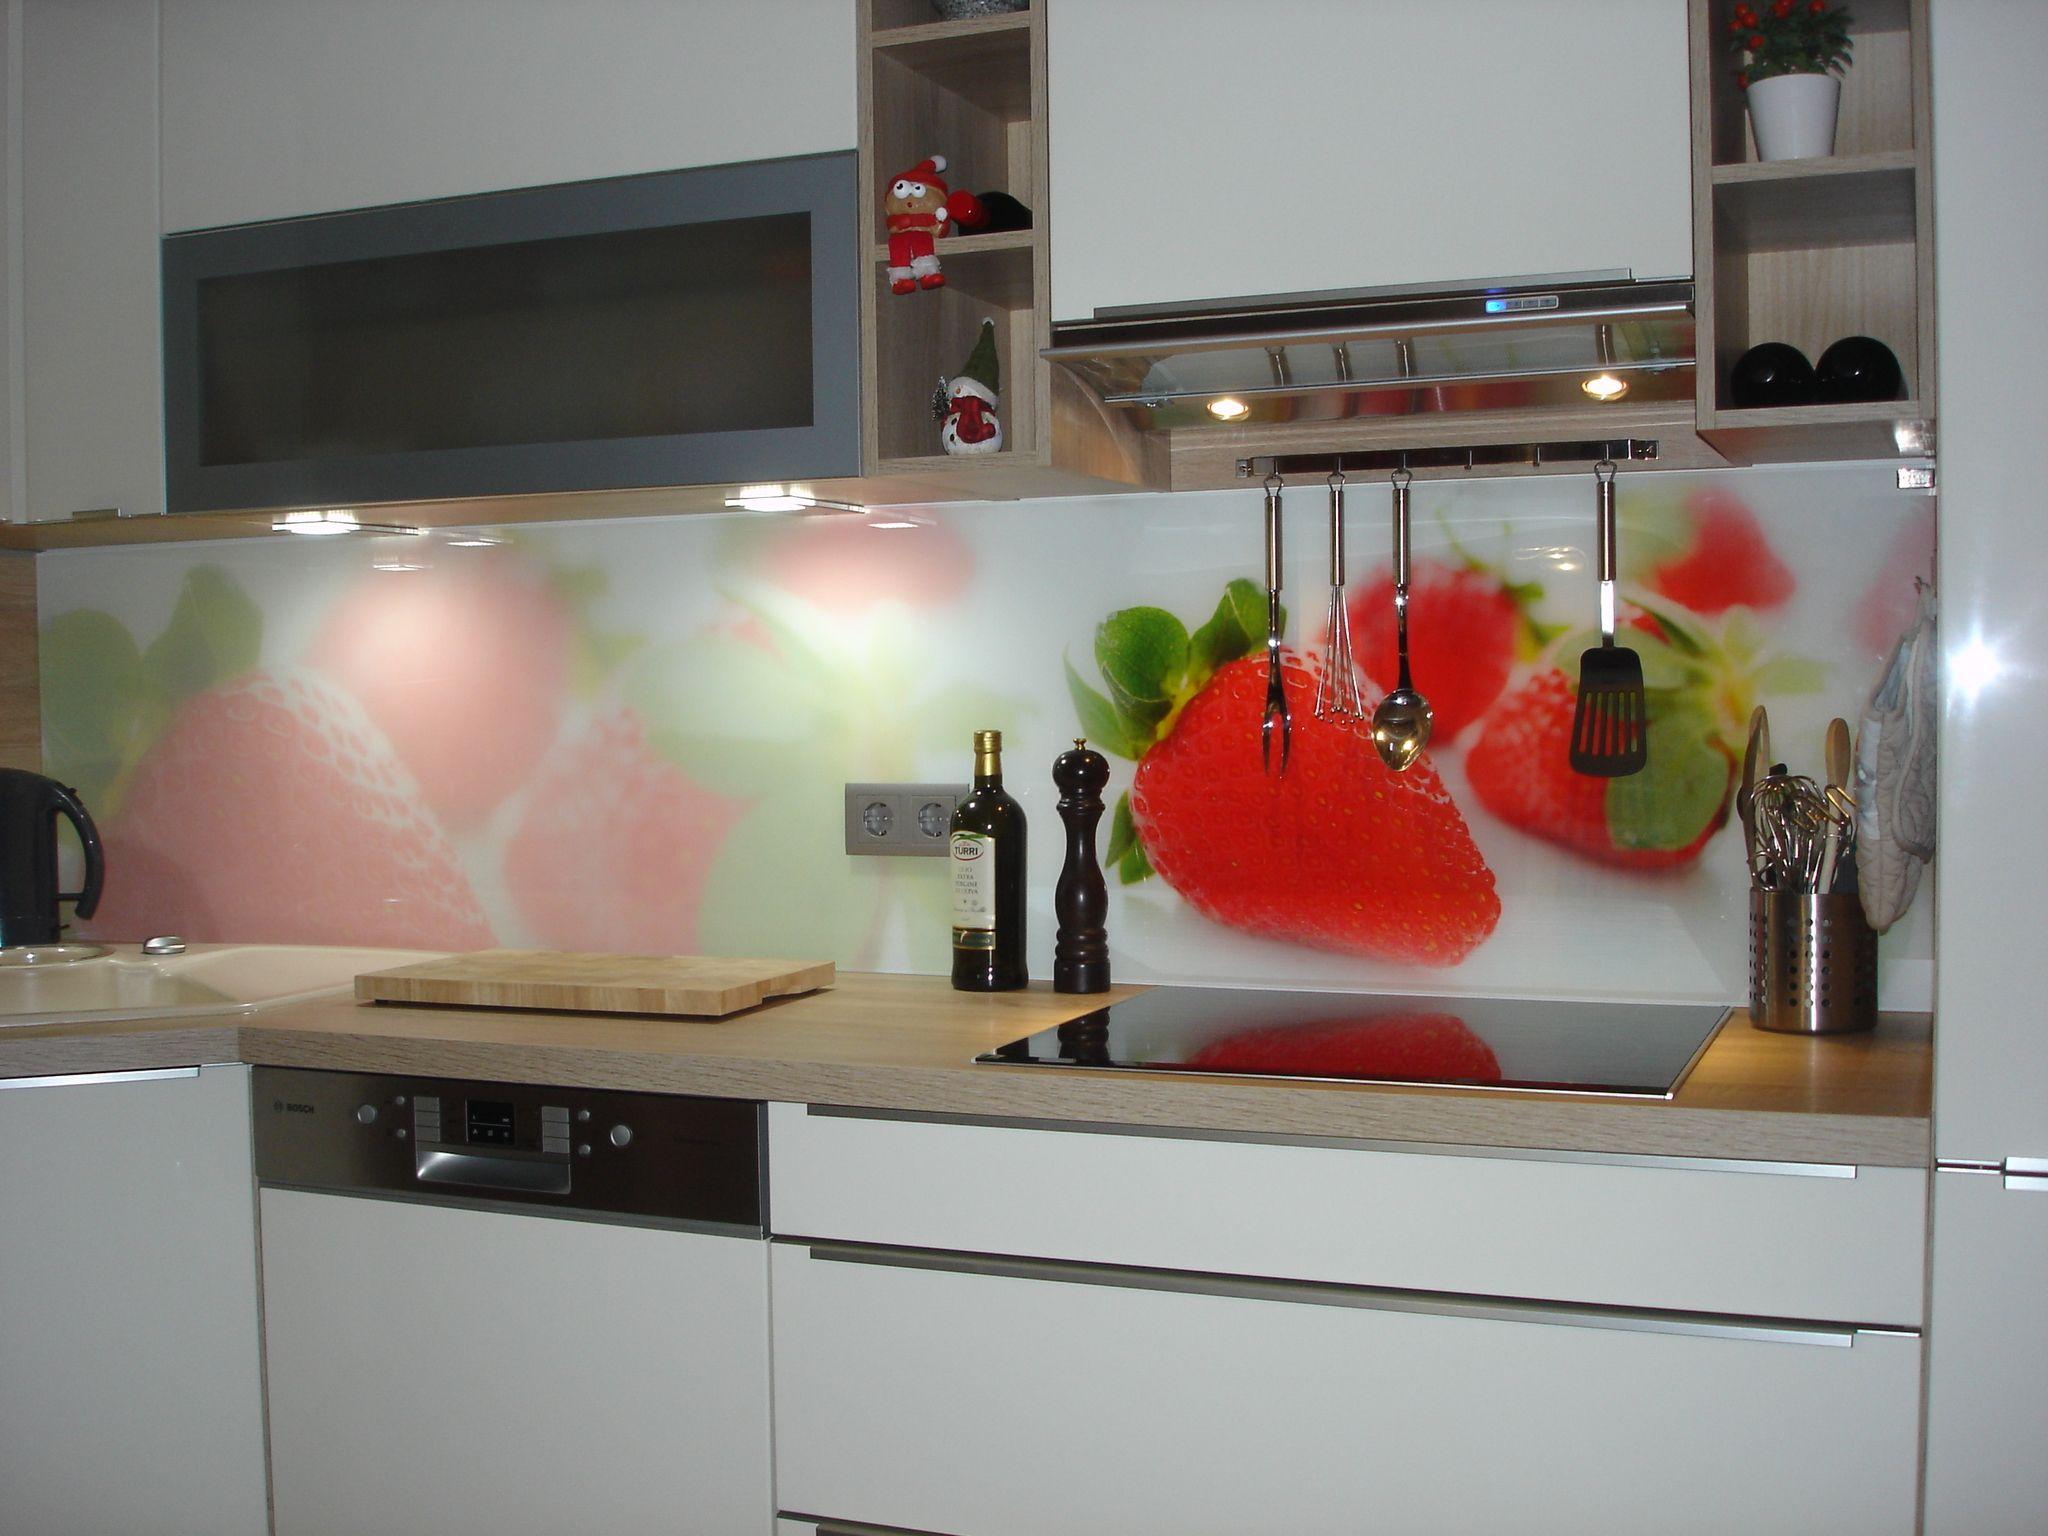 Full Size of Küchen Fliesenspiegel Kchenrckwand Spritzschutz Kche Rckwand Küche Glas Selber Machen Regal Wohnzimmer Küchen Fliesenspiegel